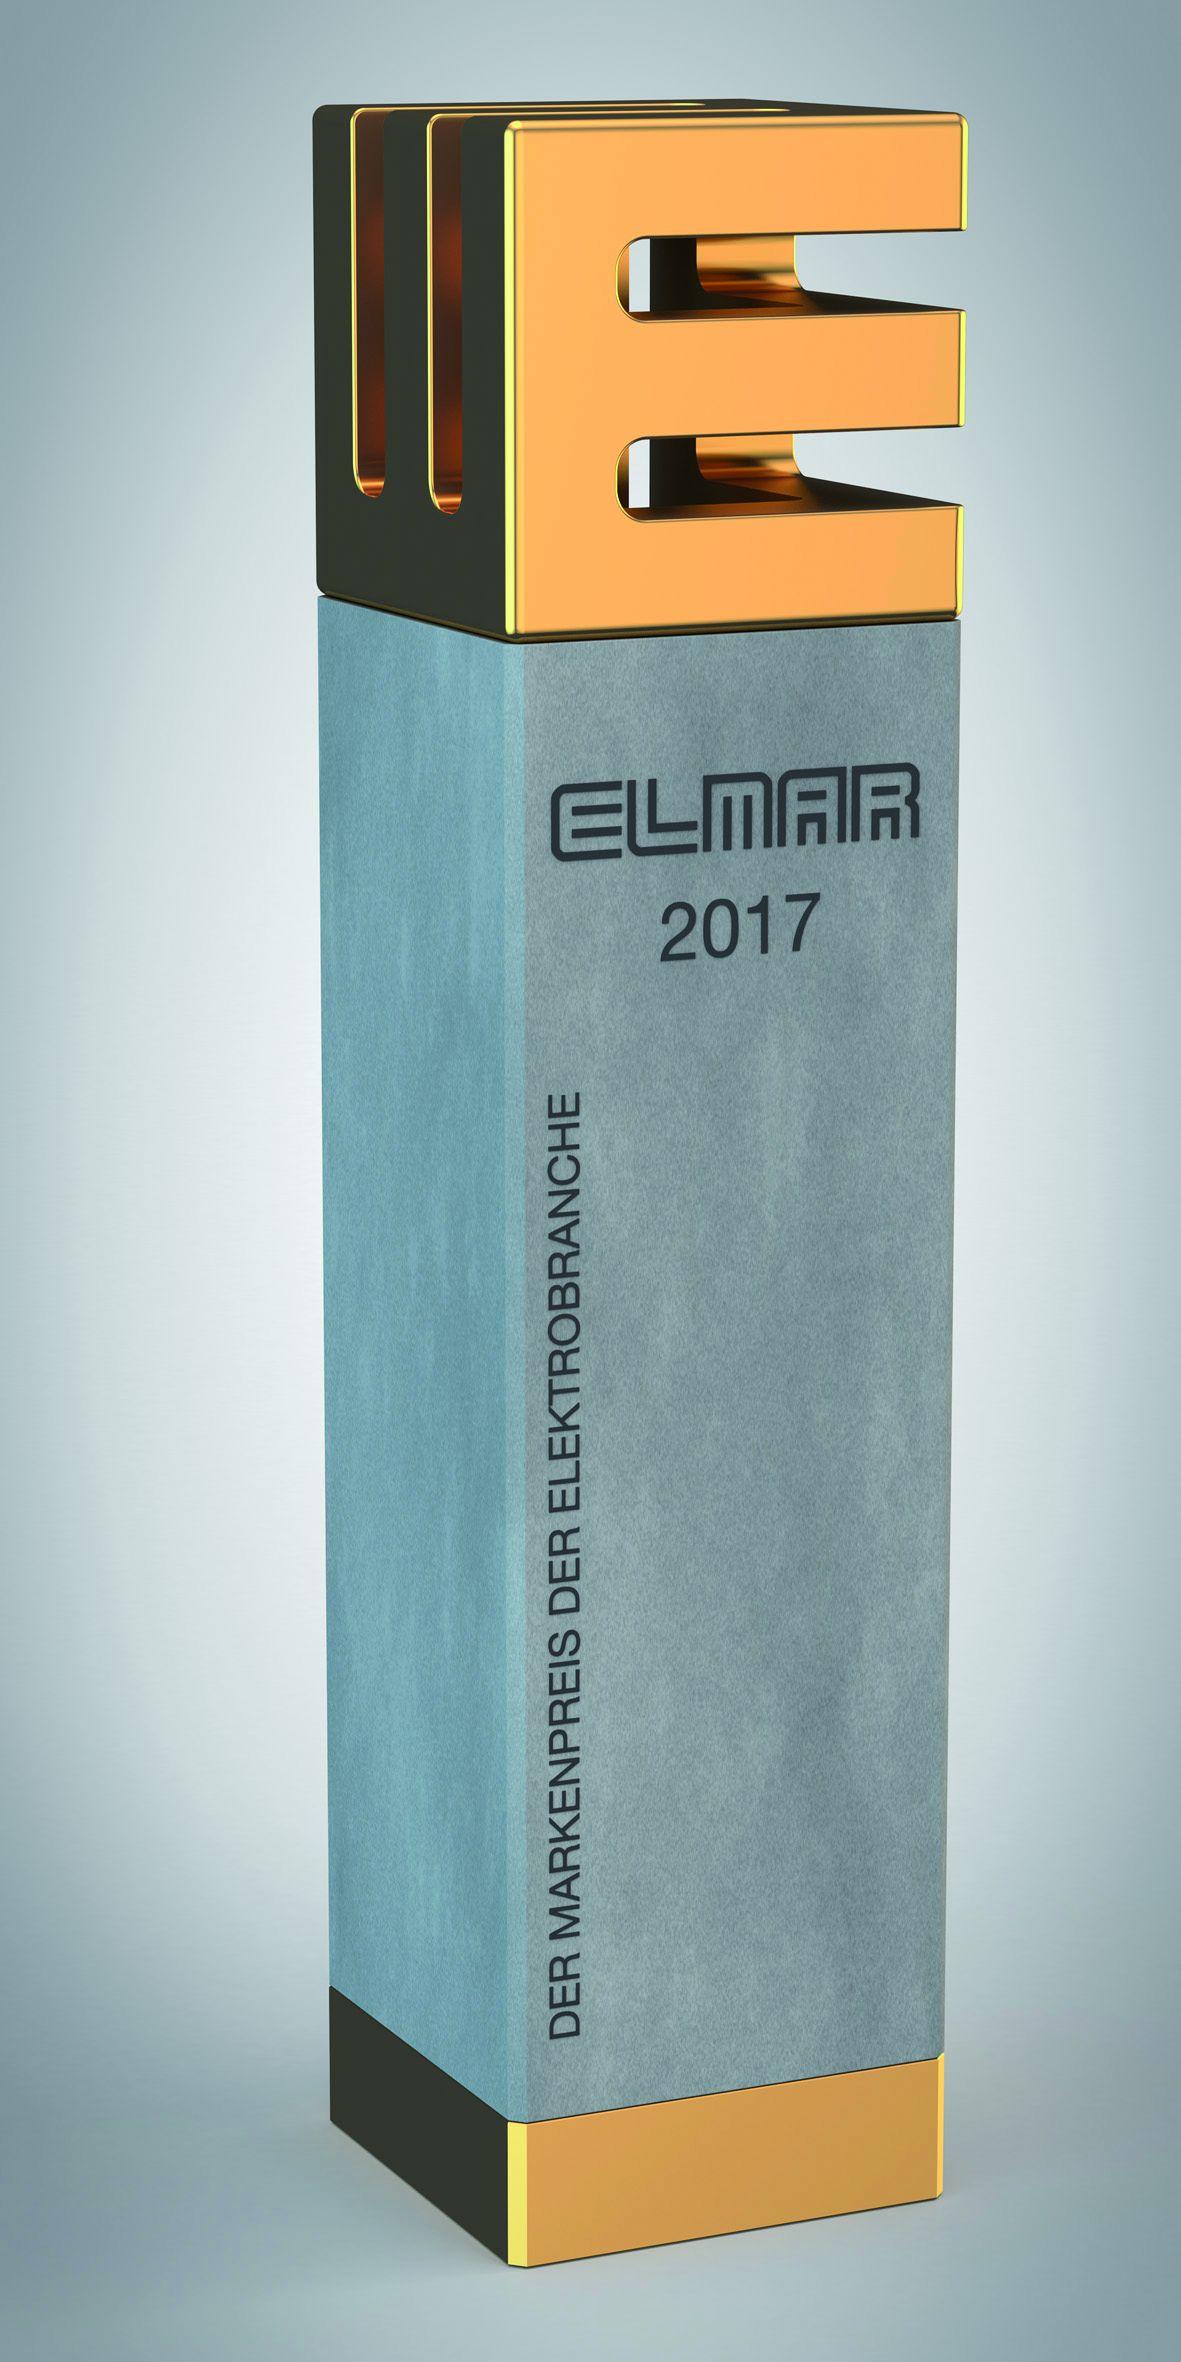 Branchenpreis Elmar 2017 mit neuer Kategorie